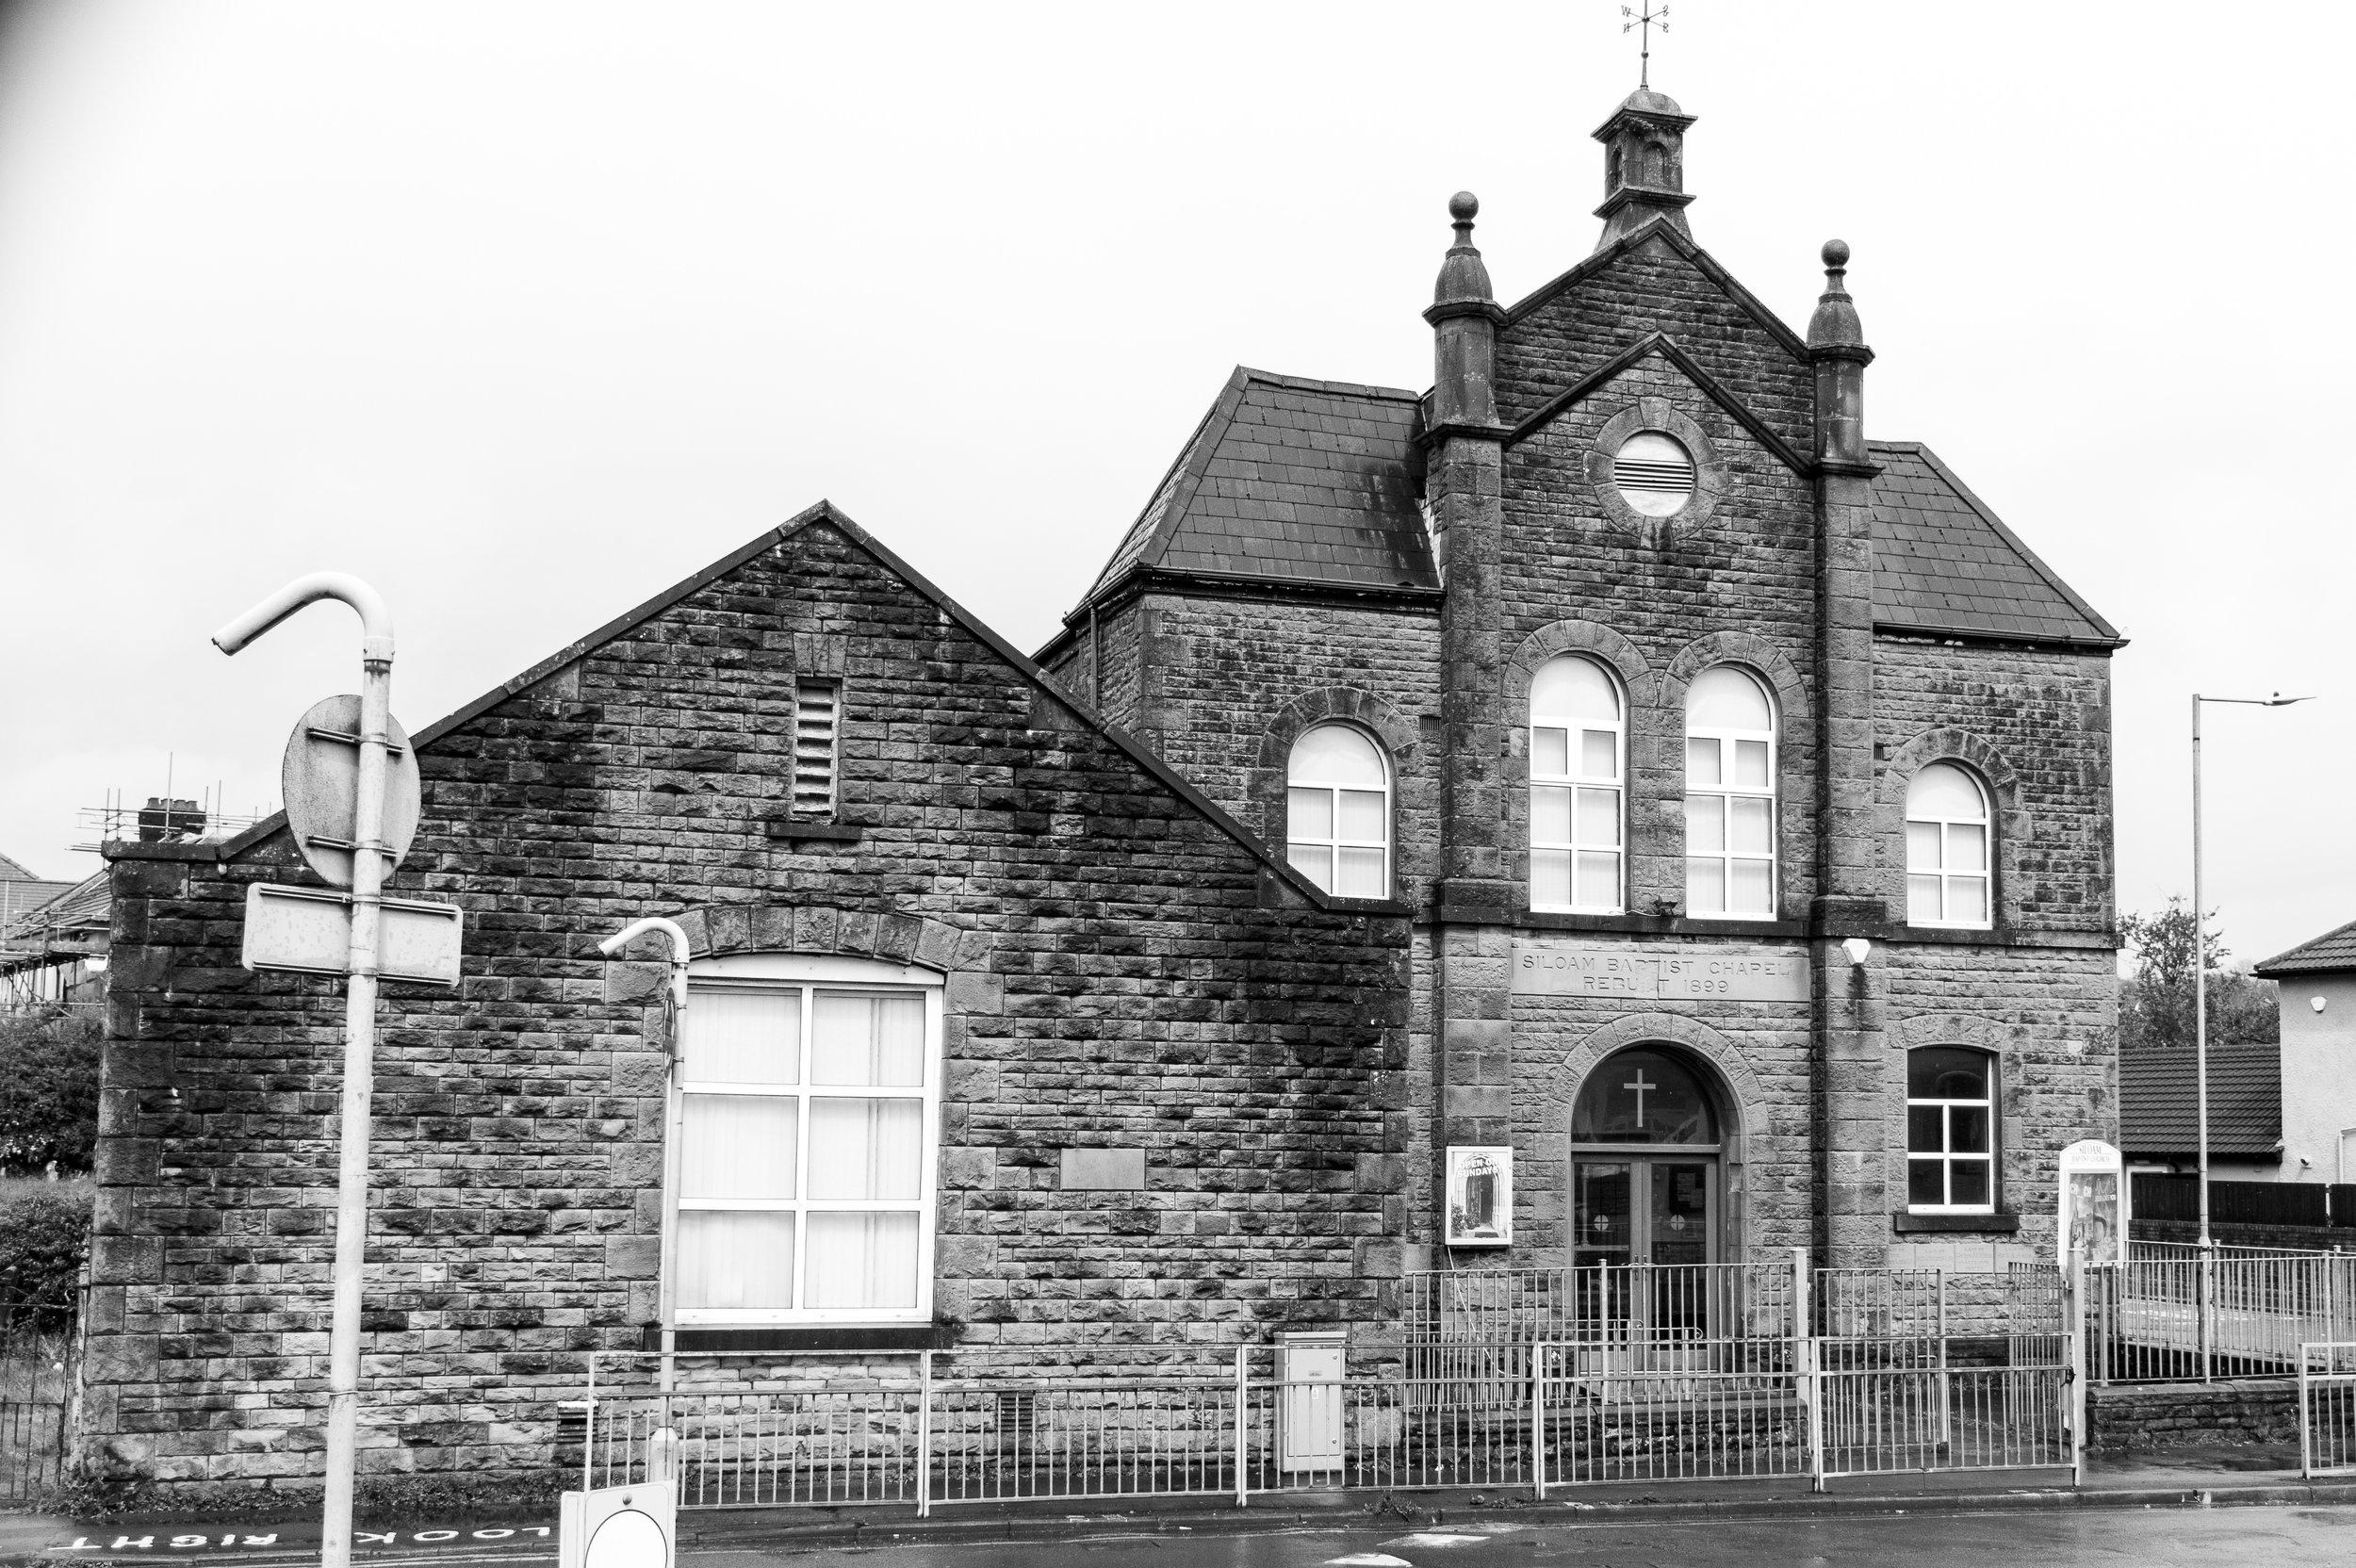 Siloam Baptist Church, 458A Gower Rd, Killay, Swansea SA2 7AL, UK